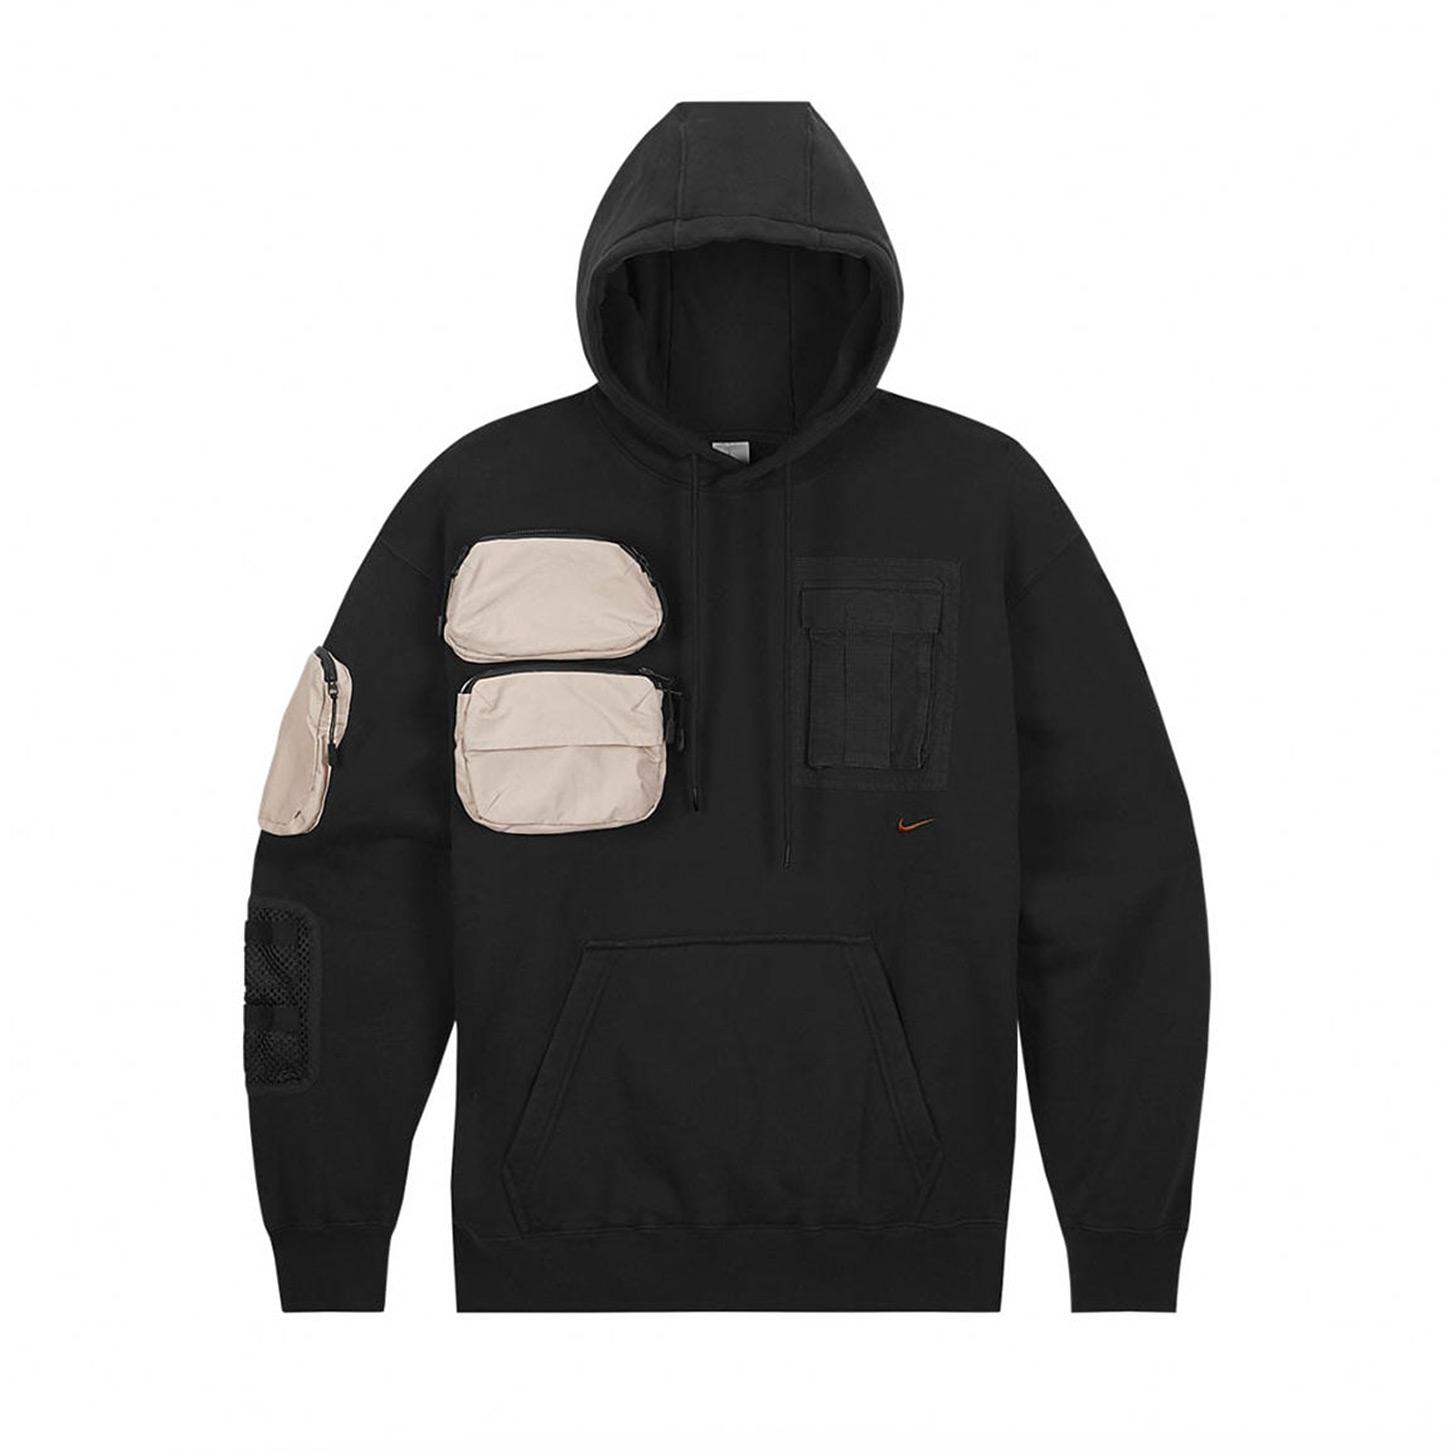 Travis Scott x Nike NRG AG Utility Hoodie Black